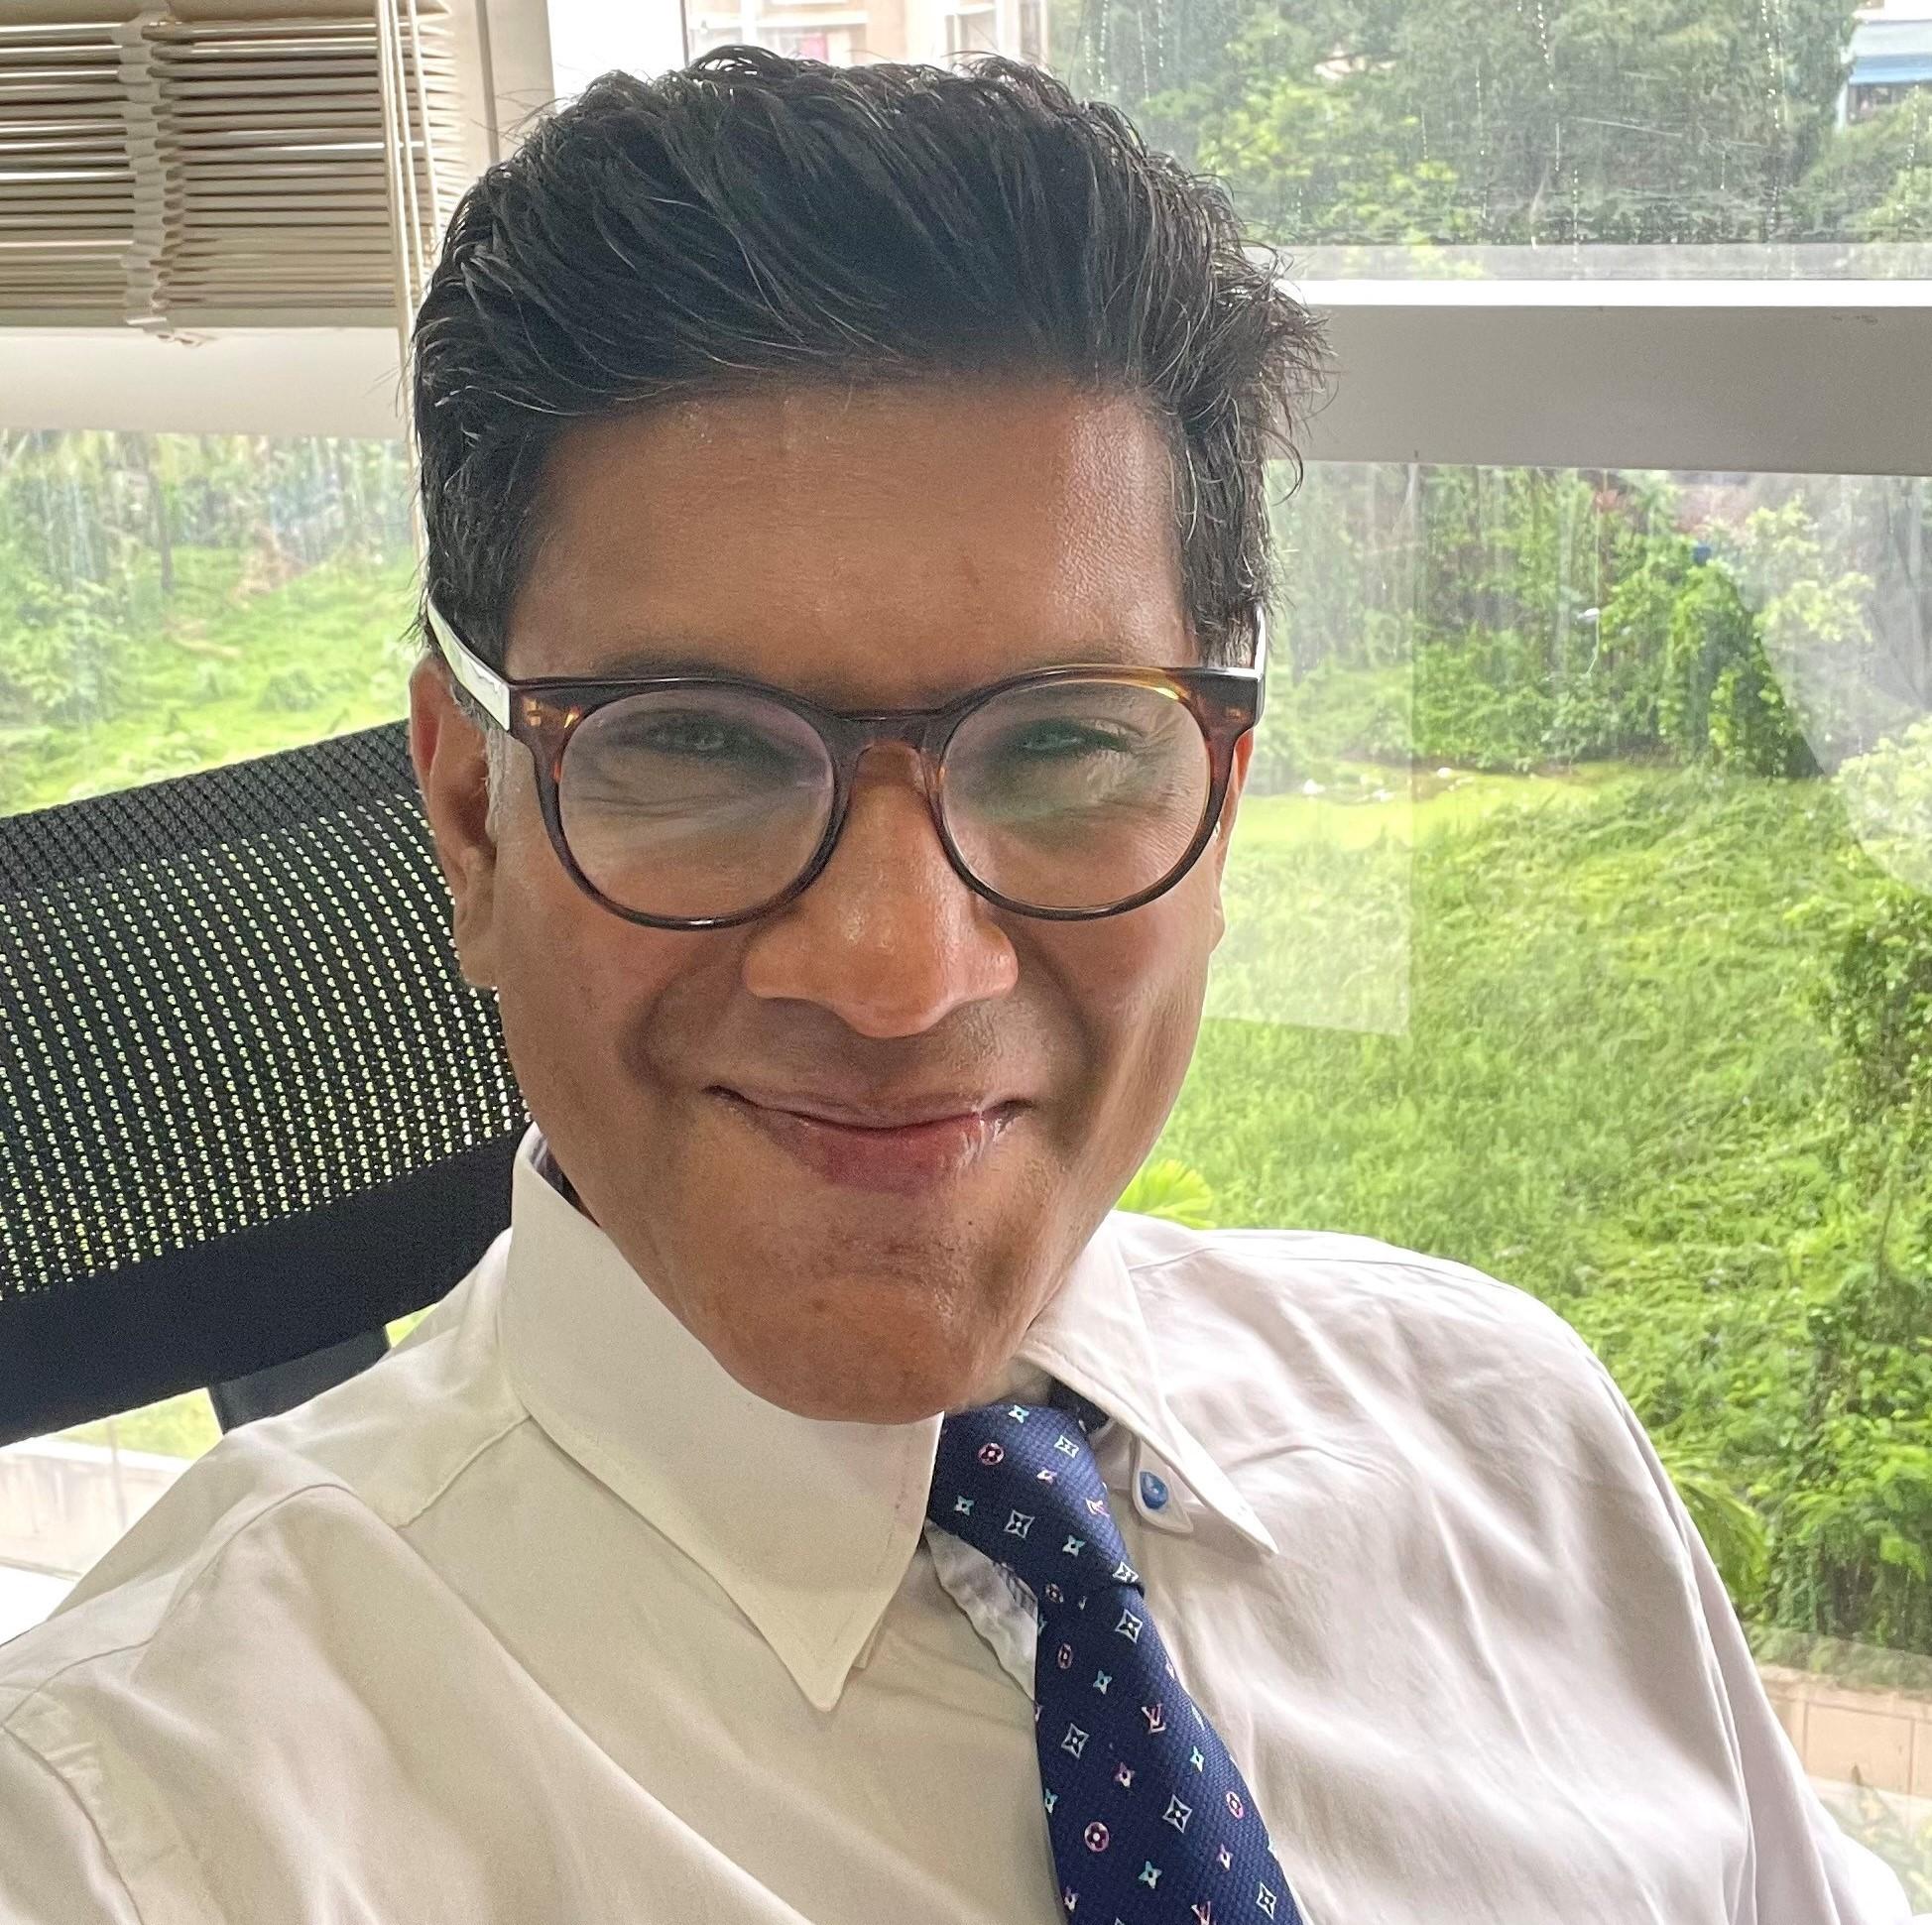 BIR names Dhawal Shah as Non-Ferrous Metals Division President